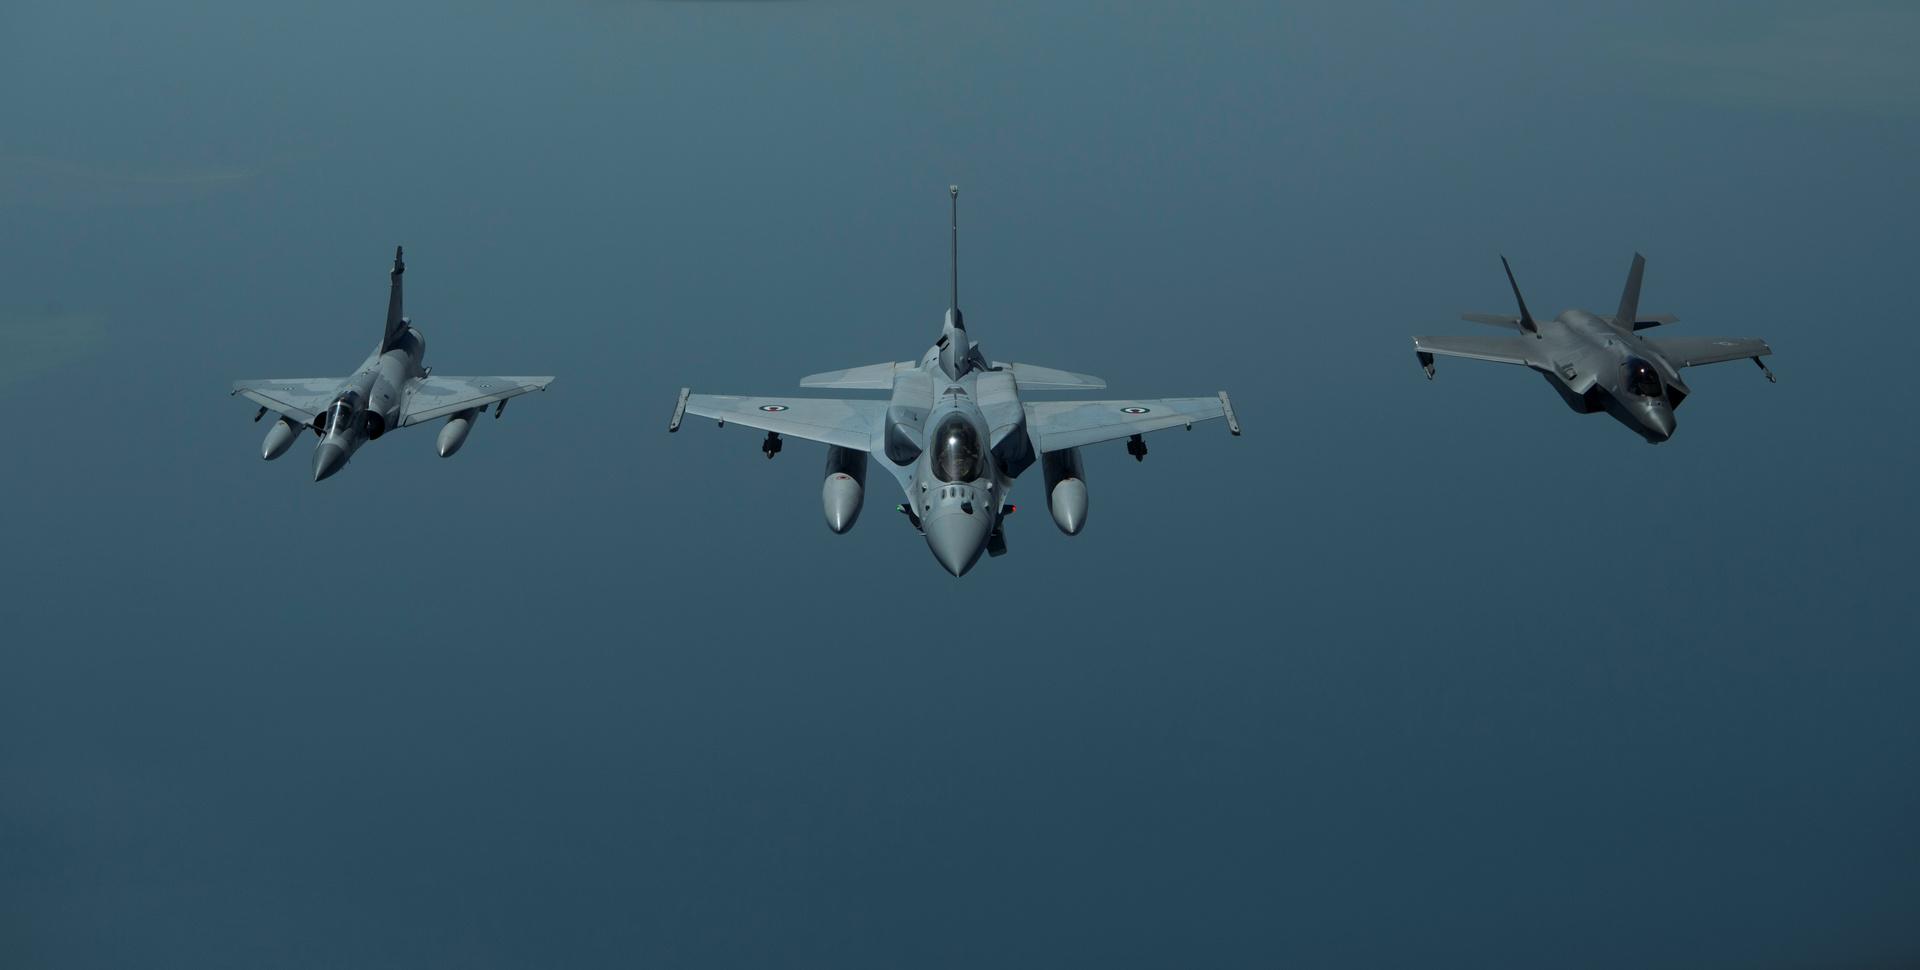 مقاتلات تابعة لسلاح الجو الإماراتي - أرشيف